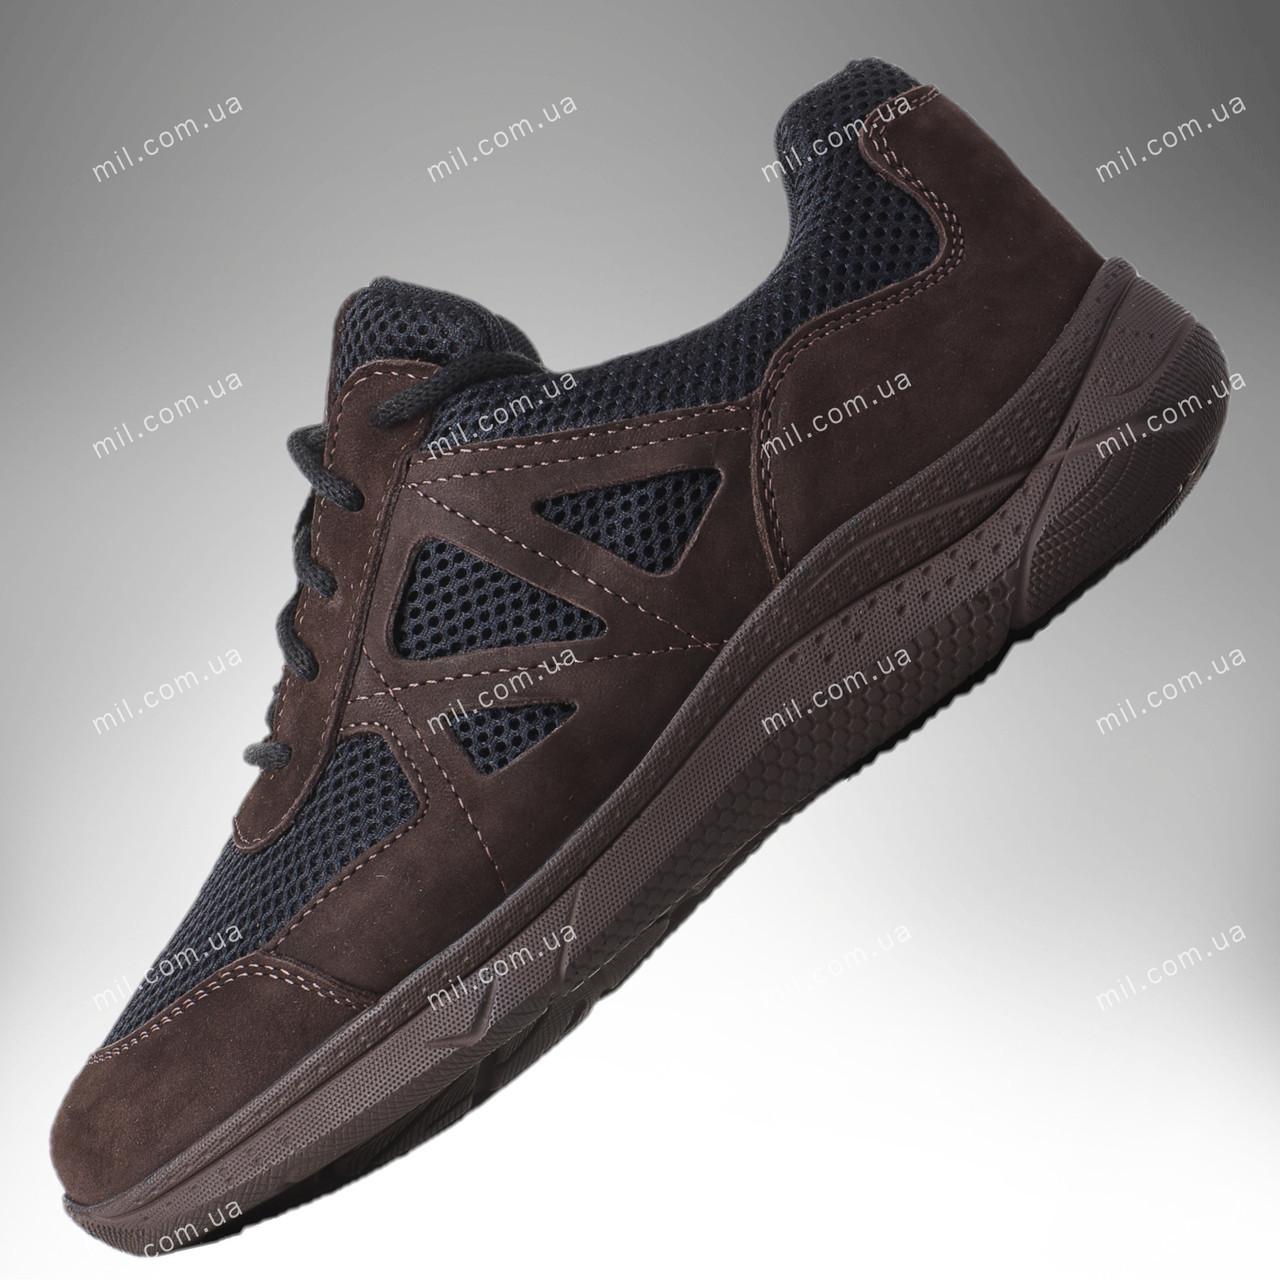 ⭐⭐Тактические демисезонные кроссовки / военная обувь ENIGMA (шоколад)   военные кроссовки, тактические кроссовки, армейские кроссовки, военная обувь,